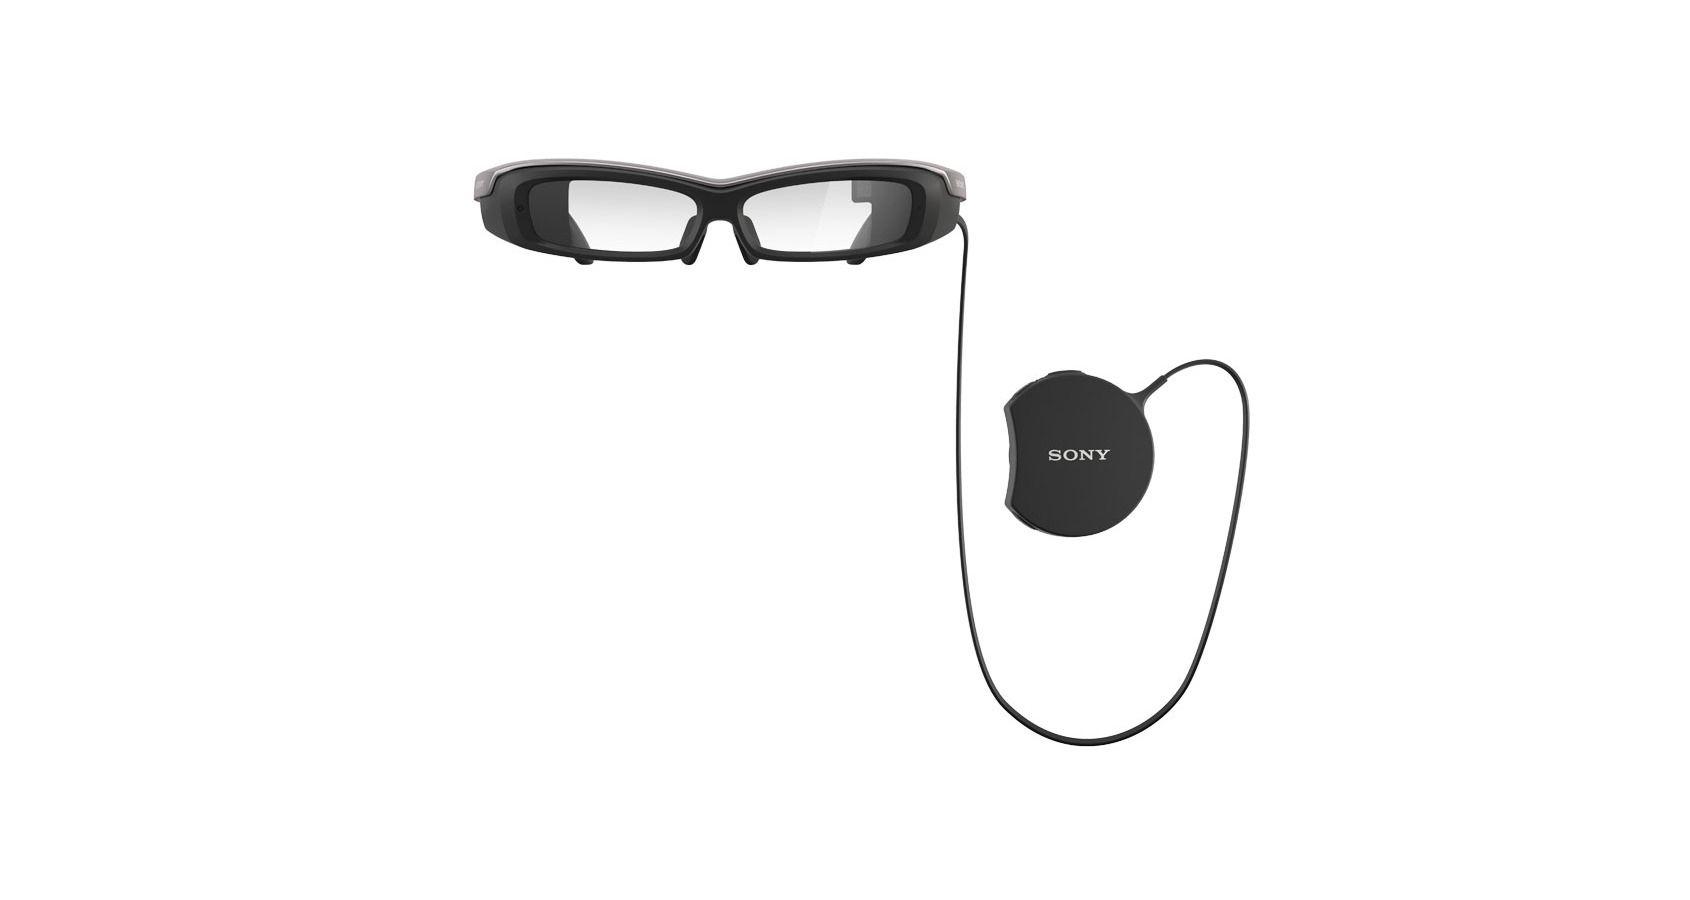 Brillene og kontrolleren. Foto: Sony